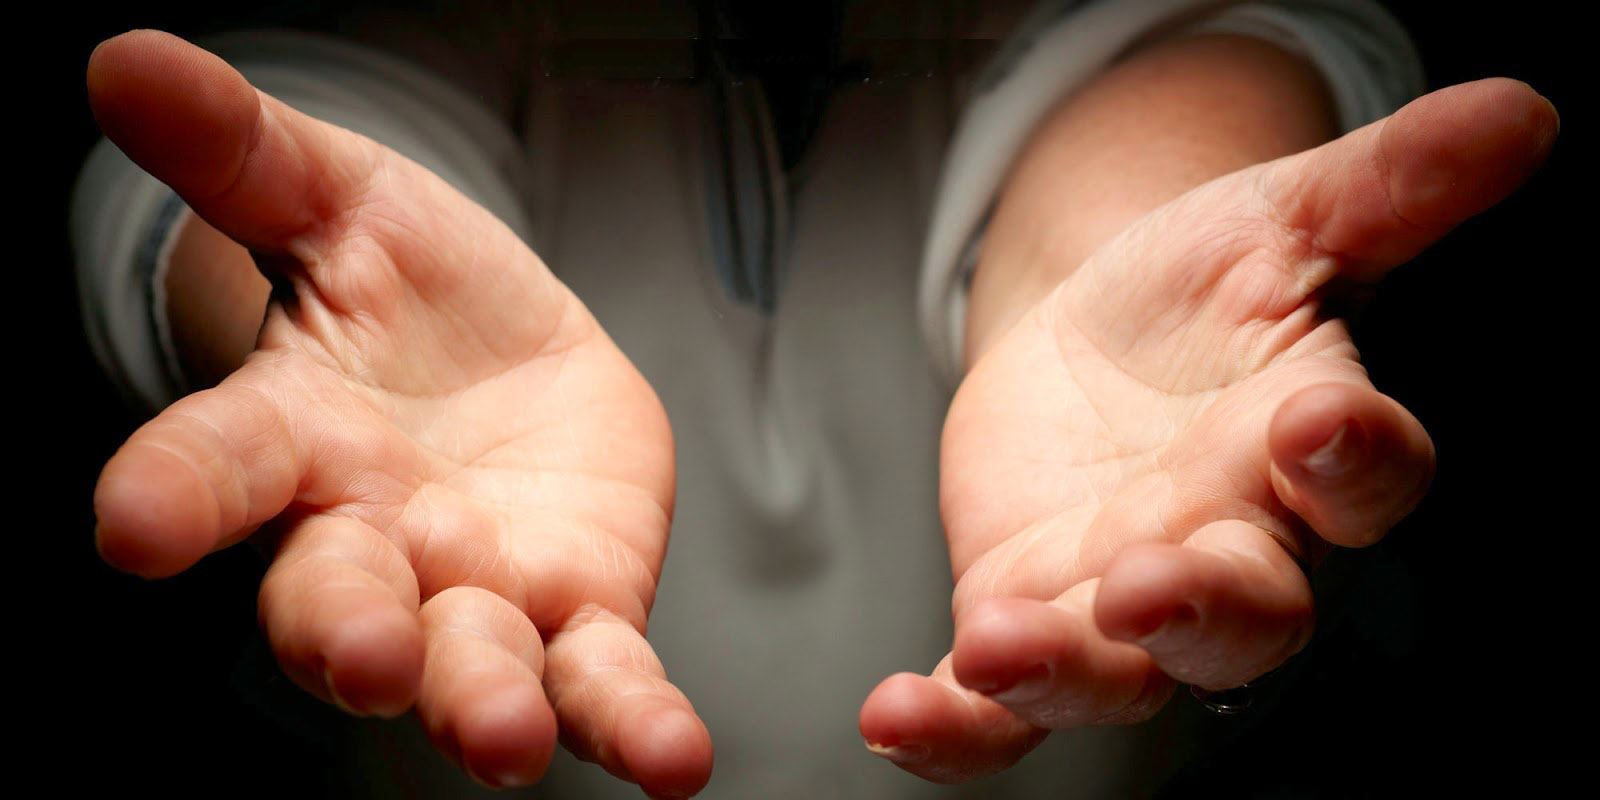 tender las manos